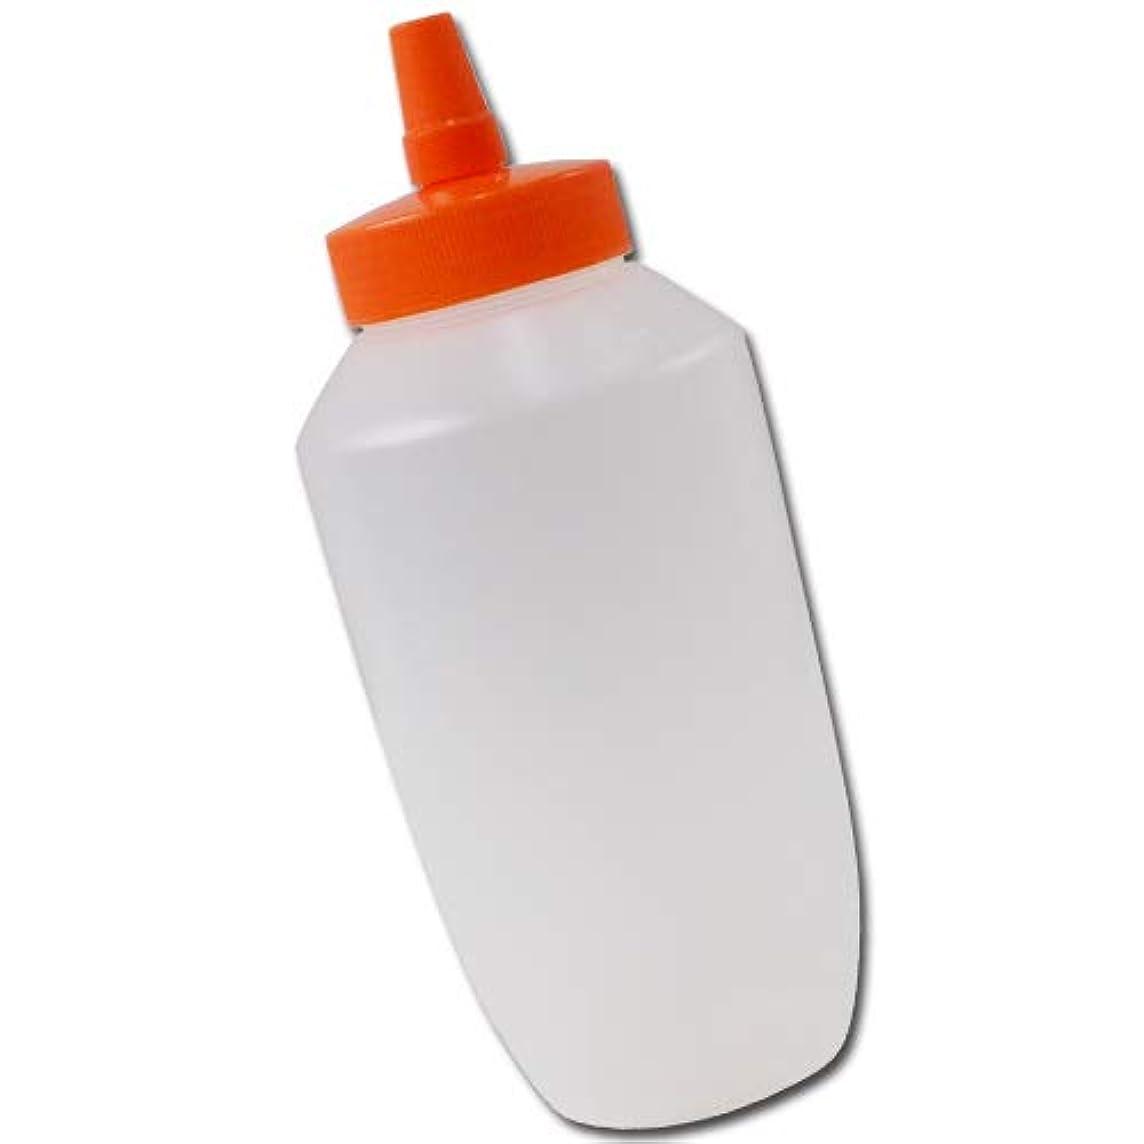 オペラ占める対処するはちみつ容器740mll(オレンジキャップ)│業務用ローションや調味料の小分けに詰め替え用ハチミツ容器(蜂蜜容器)はちみつボトルビッグな特大サイズ